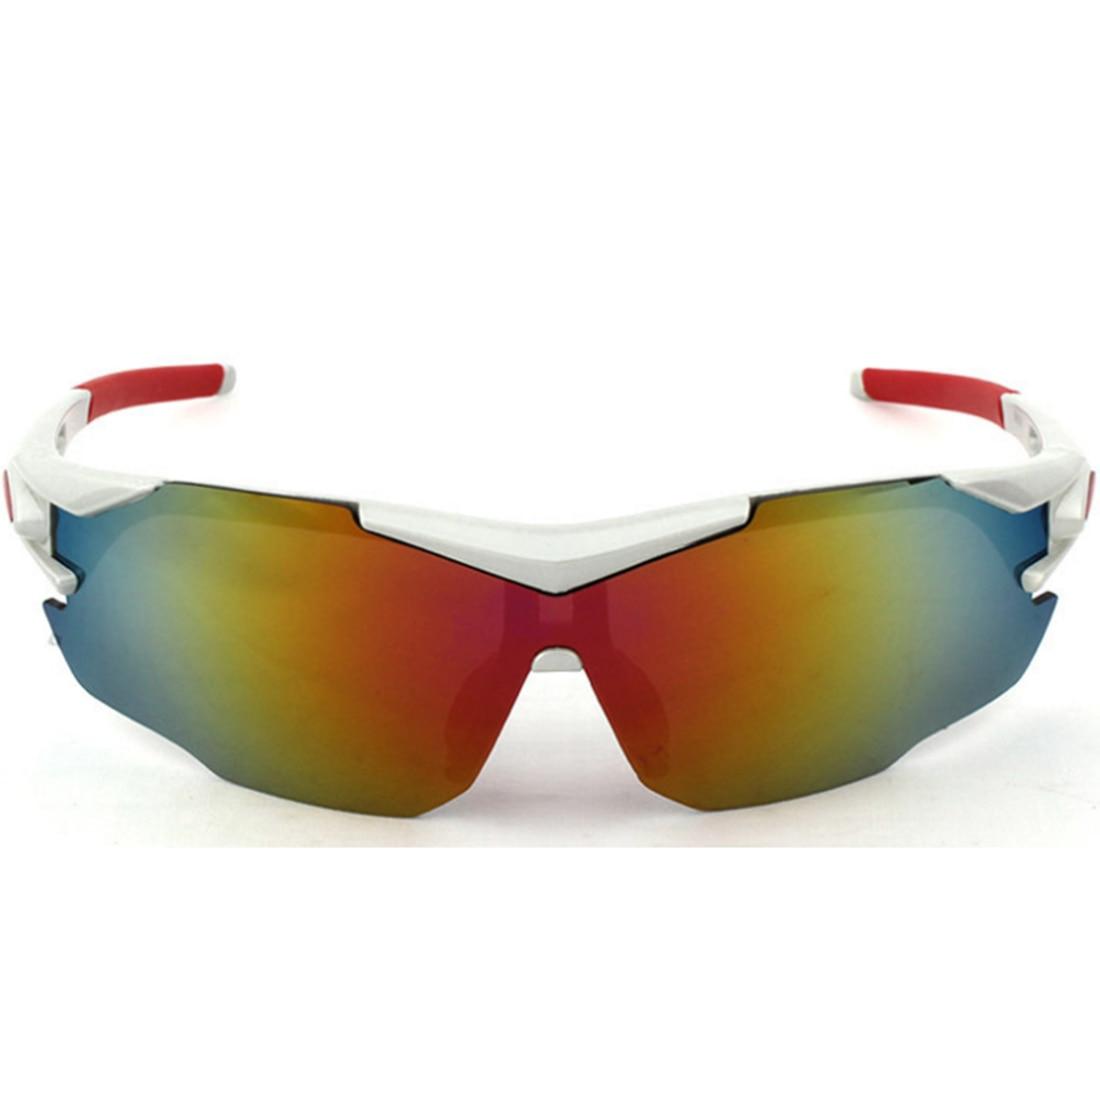 Мужской Открытый деятельности, Лыжный Спорт Велоспорт ветер Солнцезащитные очки для женщин (красная ртуть)-матовый серебристый белый Рамки